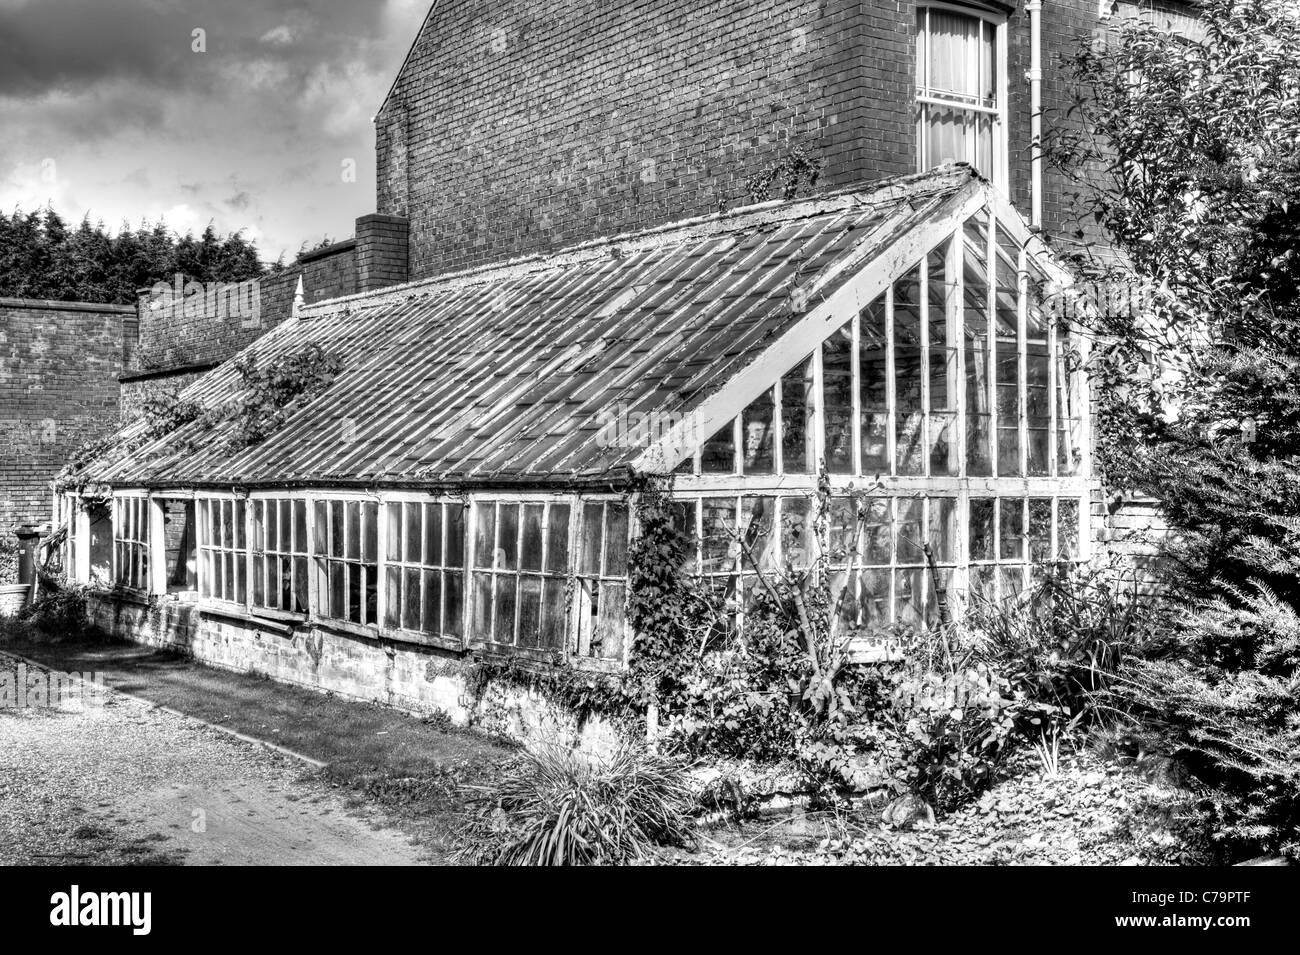 Louth, Lincolnshire, Angleterre, ancienne serre victorienne en ruine et envahi par la grande structure massive laissés Banque D'Images